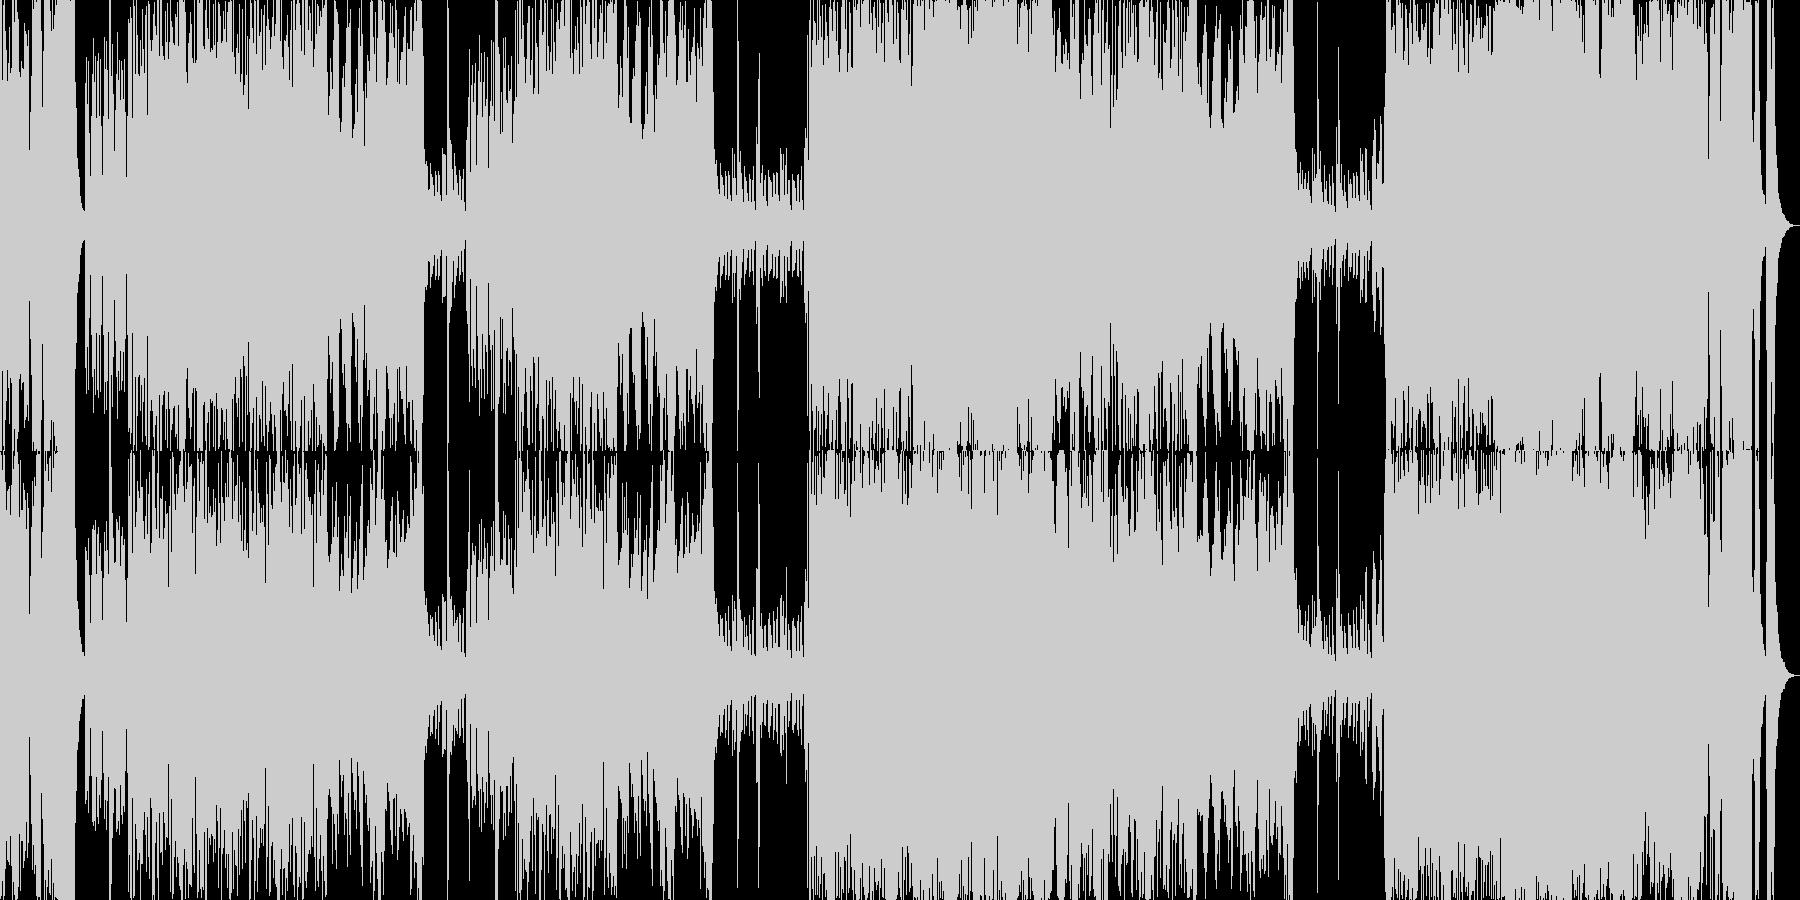 オーケストラBGM行進入場発表シリーズの未再生の波形